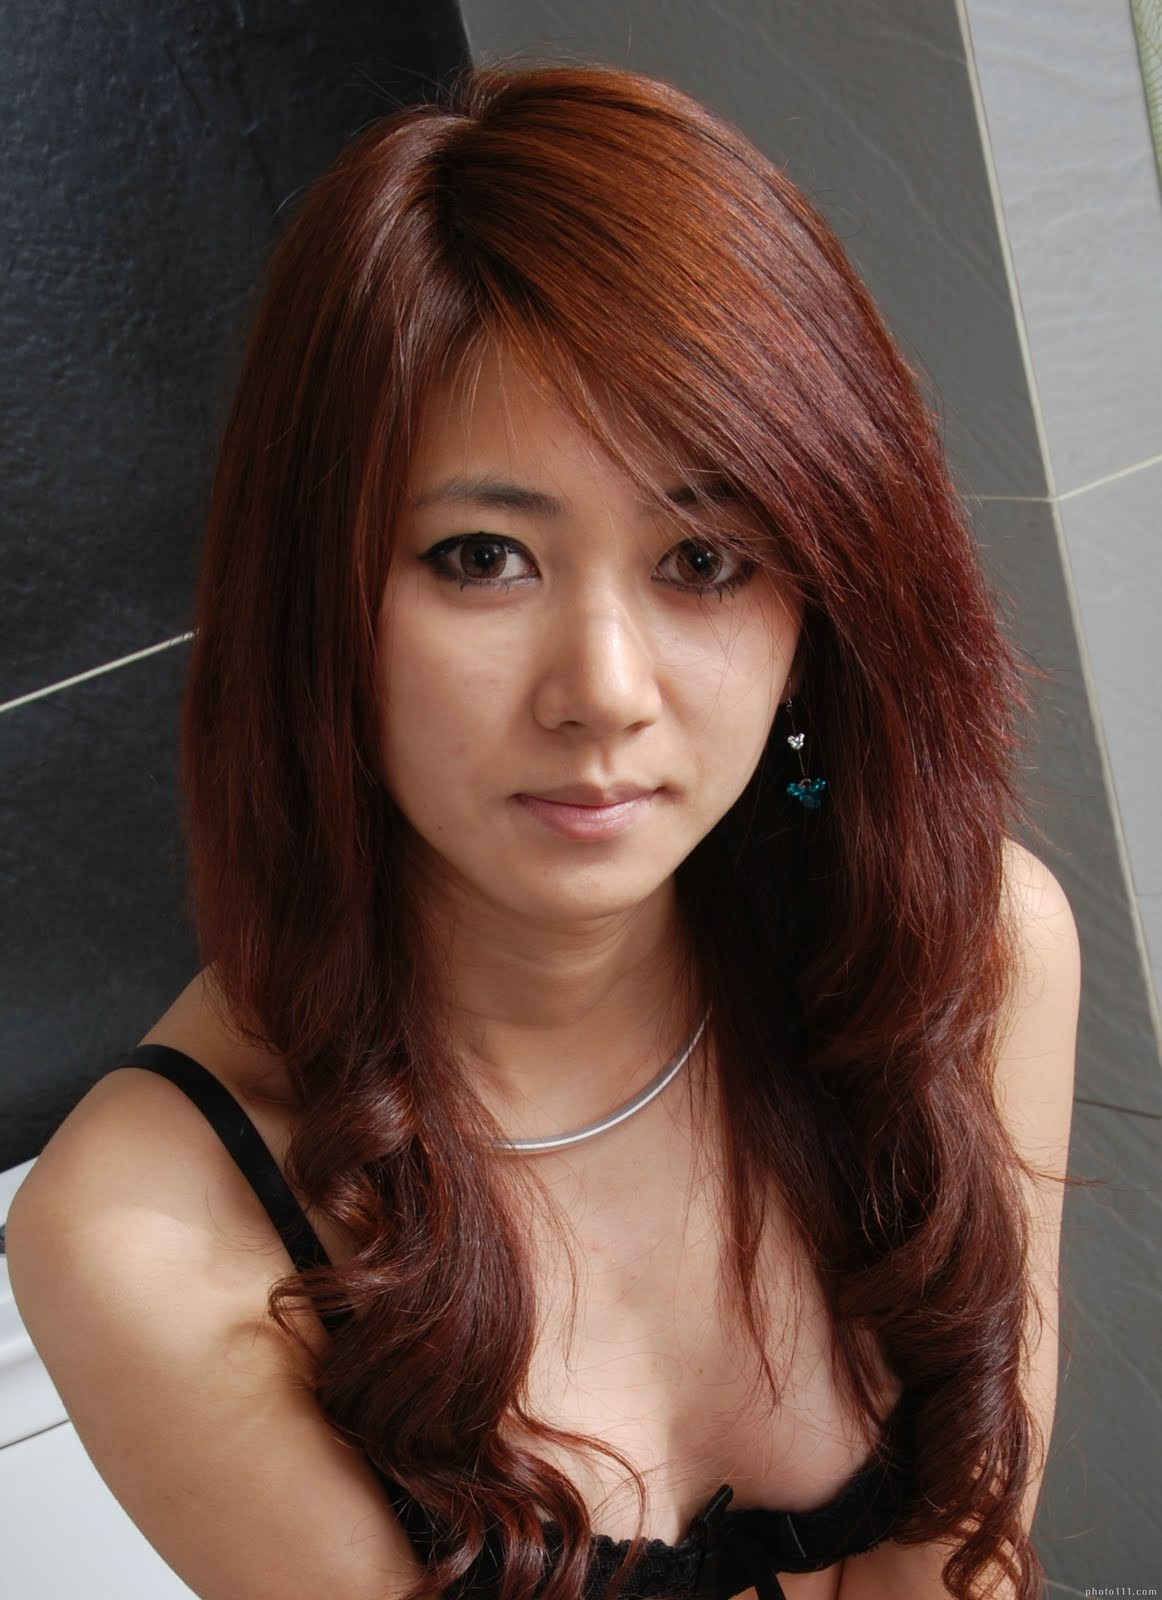 Feng_1